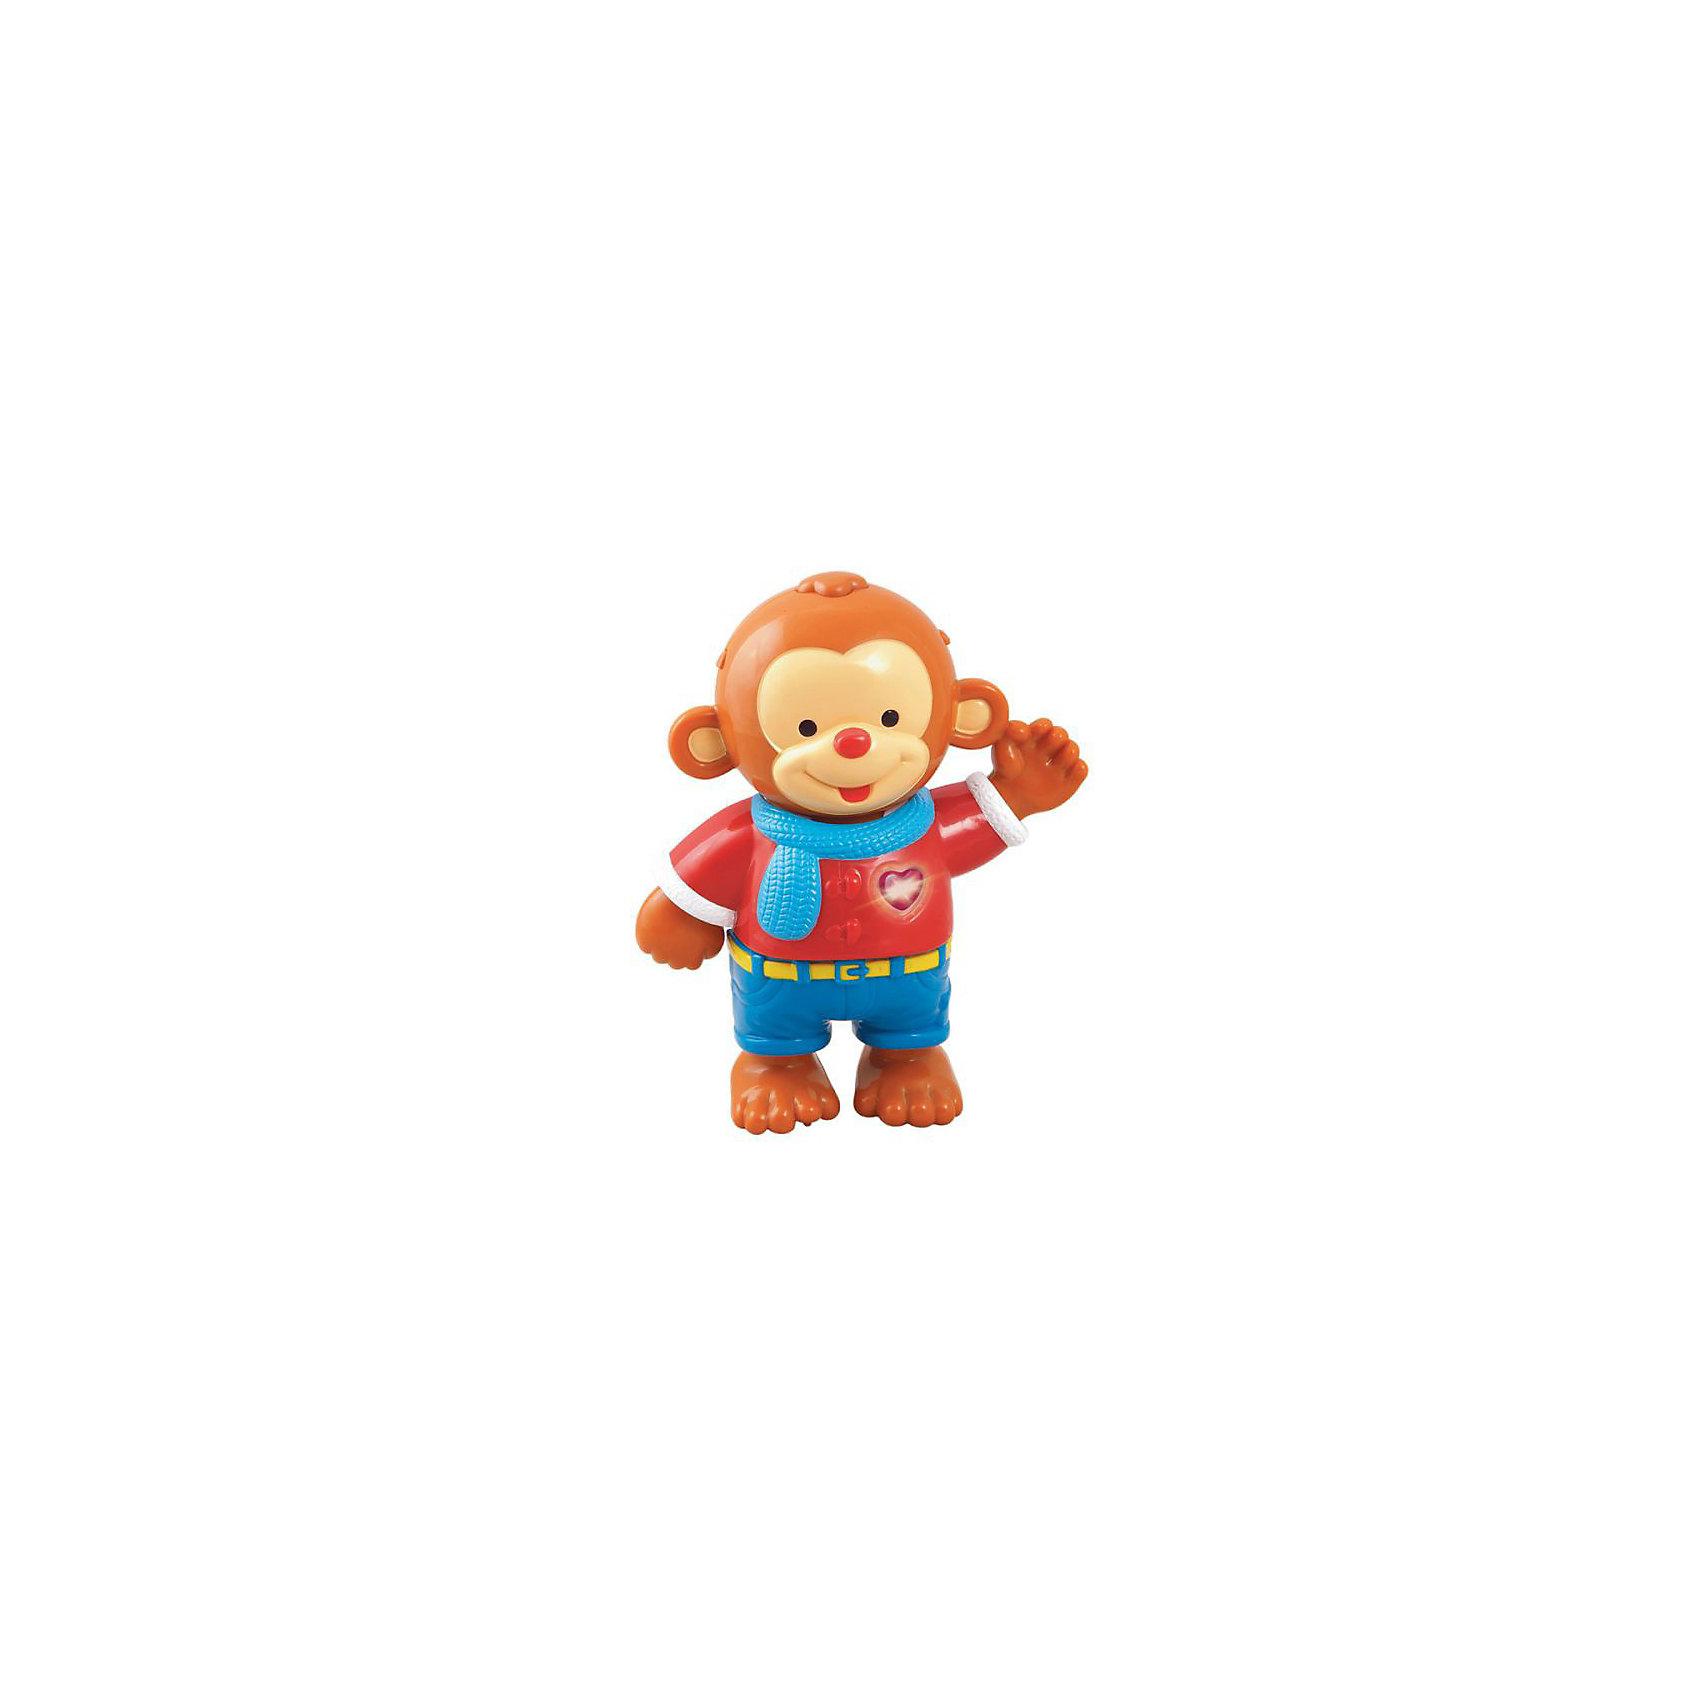 Развивающая игрушка Одень обезьянку, VtechИнтерактивные игрушки для малышей<br>Развивающая игрушка Одень обезьянку, Vtech (Втеч).<br><br>Характеристики:<br><br>• Для детей от 1,5 лет до 3 лет<br>• Комплектация: интерактивная фигурка обезьянки, 8 различных элементов одежды, сумка для хранения одежды<br>• Материал: пластик<br>• Размер обезьянки: 16х19х6,5 см.<br>• Обучающие режимы: учимся различать цвета, учимся подбирать одежду в зависимости от типа погоды и самочувствия, узнаём, какие бывают предпочтения в одежде<br>• 13 мелодий и 1 песня<br>• Батарейки: 2 типа ААА (в комплекте демонстрационные)<br>• Упаковка: красочная подарочная коробка<br>• Размер упаковки: 32х27,5х9 см.<br><br>Развивающая игрушка Одень обезьянку от французской компании Vtech – великолепный игровой набор, который надолго увлечет малышей. В набор входит интерактивная фигурка обезьянки, а также 8 различных элементов одежды. <br><br>Задача малыша - придумать для обезьянки разные наряды. Когда ребенок будет одевать на обезьянку элементы одежды, она будет проговаривать их названия. Ну а множество веселых ободряющих звуков и мелодий сделают игру еще интереснее. В процессе игры ребенок выучит названия одежды, научится различать цвета и познакомится с навыками повседневной жизни. Режим «Экзамен» позволит закрепить полученные знания. <br><br>При нажатии на светящуюся кнопку-сердечко, расположенную на груди обезьянки, зазвучит веселая песня «Улыбка» из мультфильма «Крошка Енот». Игрушка озвучена профессиональным голосом. Предусмотрен таймер автоматического отключения. Игрушка изготовлена из прочного безопасного не бьющегося пластика. Продается в красочной коробке и идеально подходит в качестве подарка.<br><br>Развивающую игрушку Одень обезьянку, Vtech (Втеч) можно купить в нашем интернет-магазине.<br><br>Ширина мм: 330<br>Глубина мм: 100<br>Высота мм: 280<br>Вес г: 900<br>Возраст от месяцев: 18<br>Возраст до месяцев: 36<br>Пол: Унисекс<br>Возраст: Детский<br>SKU: 3341124